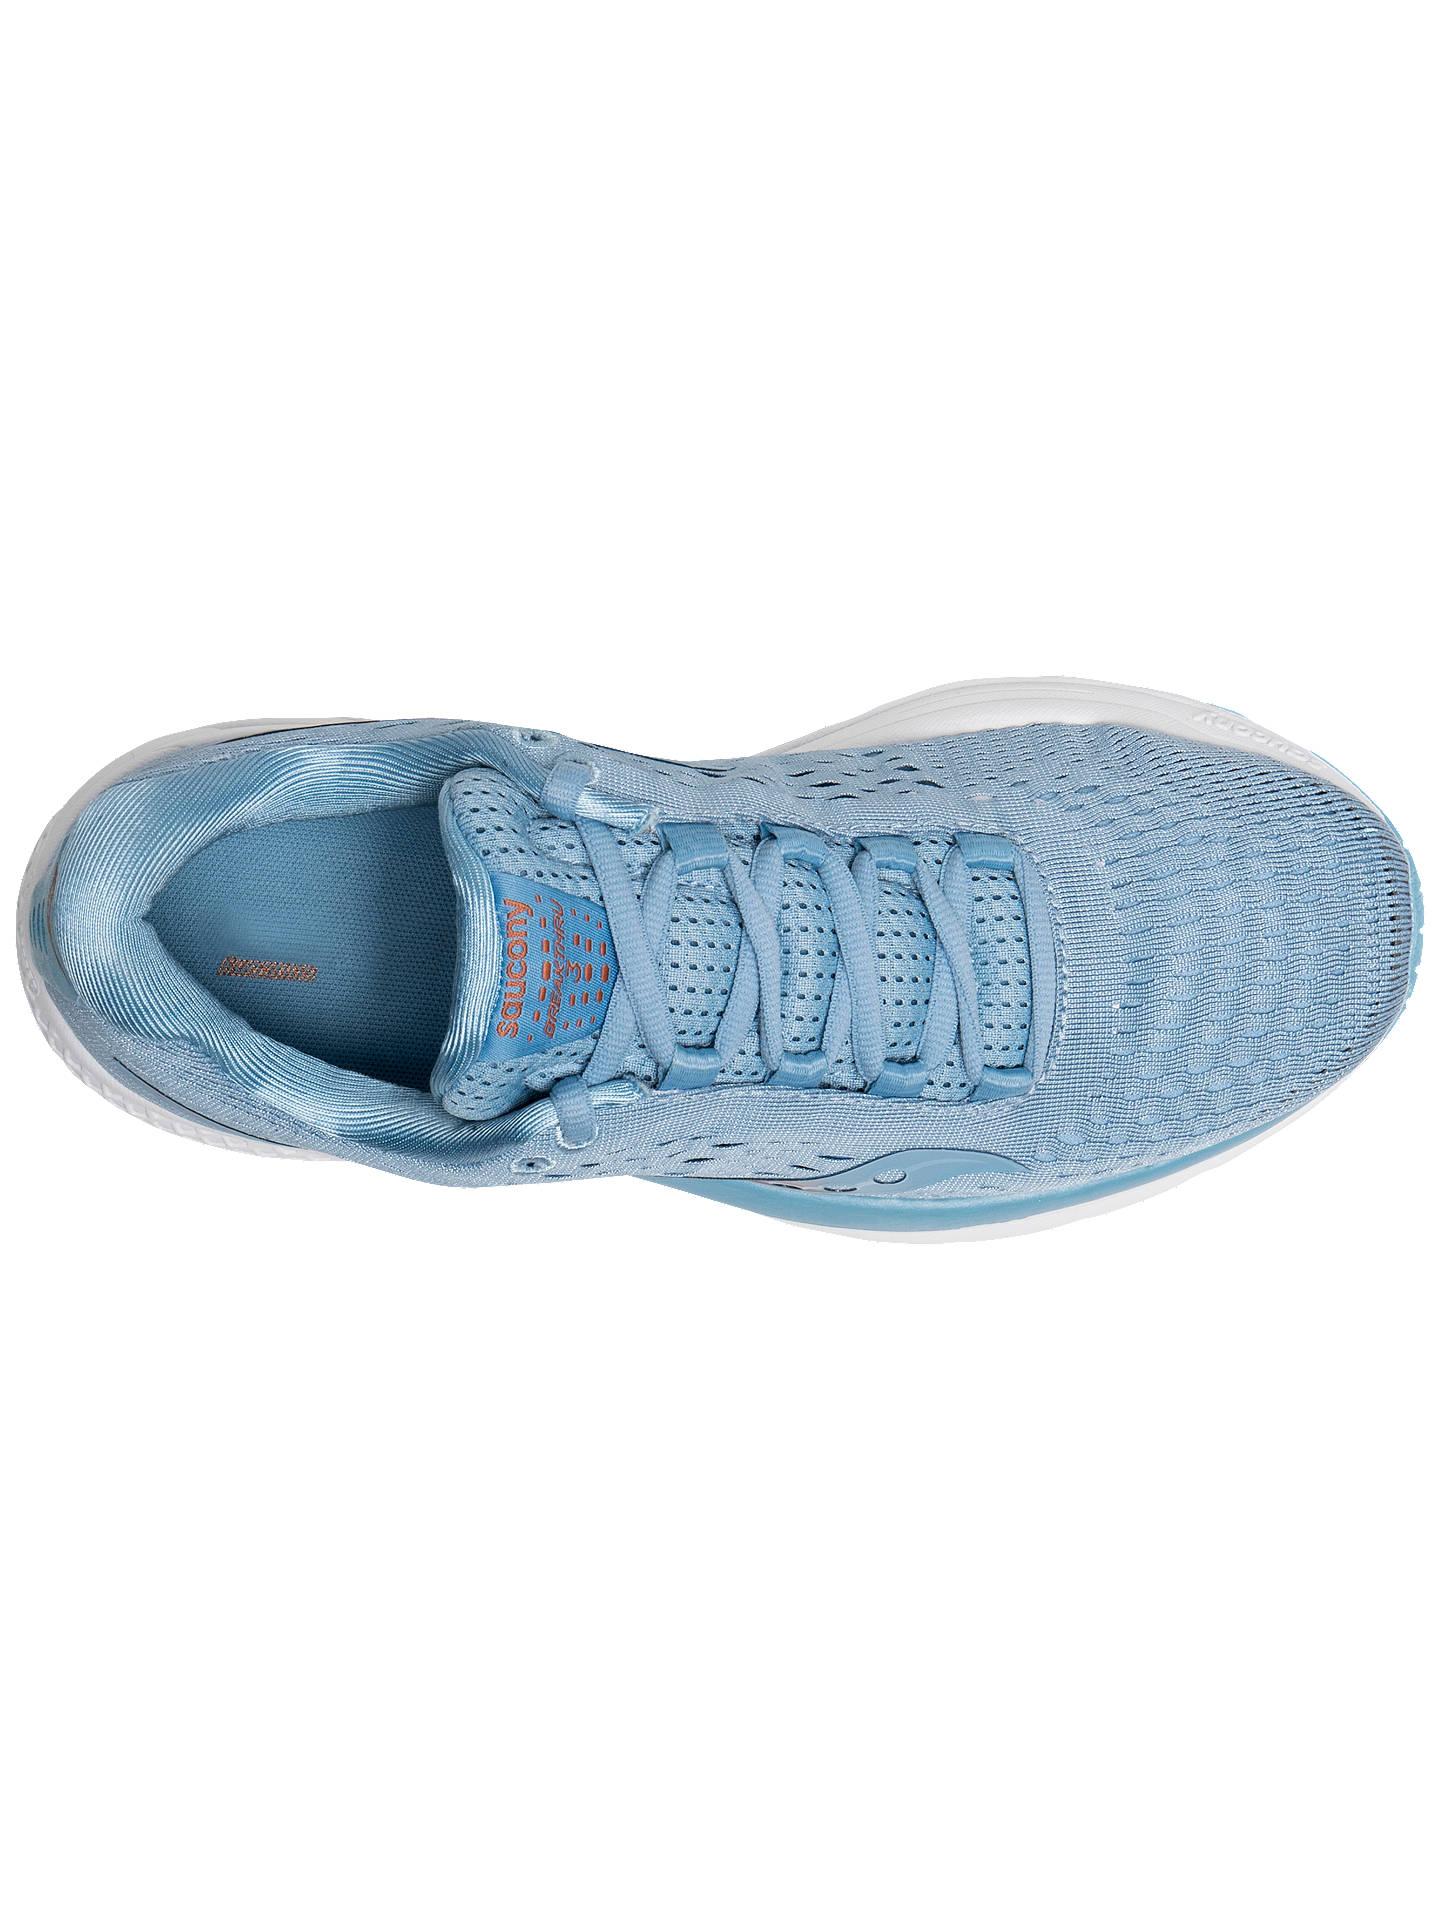 a9601b403c Saucony Jazz 20 Women's Running Shoes, Light Blue/Copper at John ...